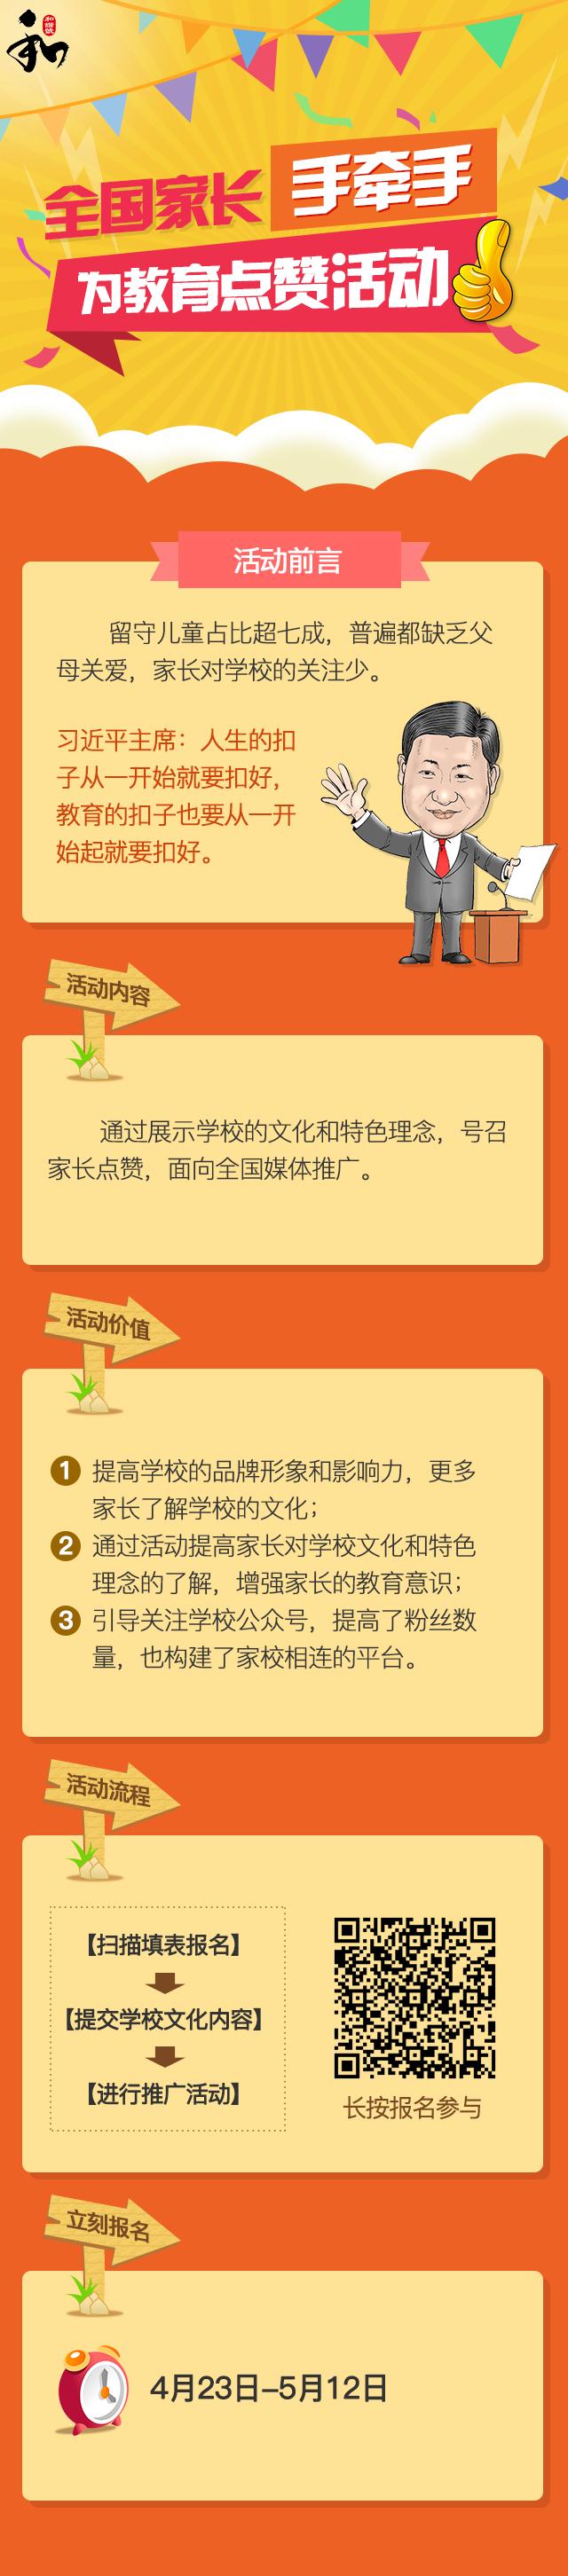 手拉手活动(1).jpg